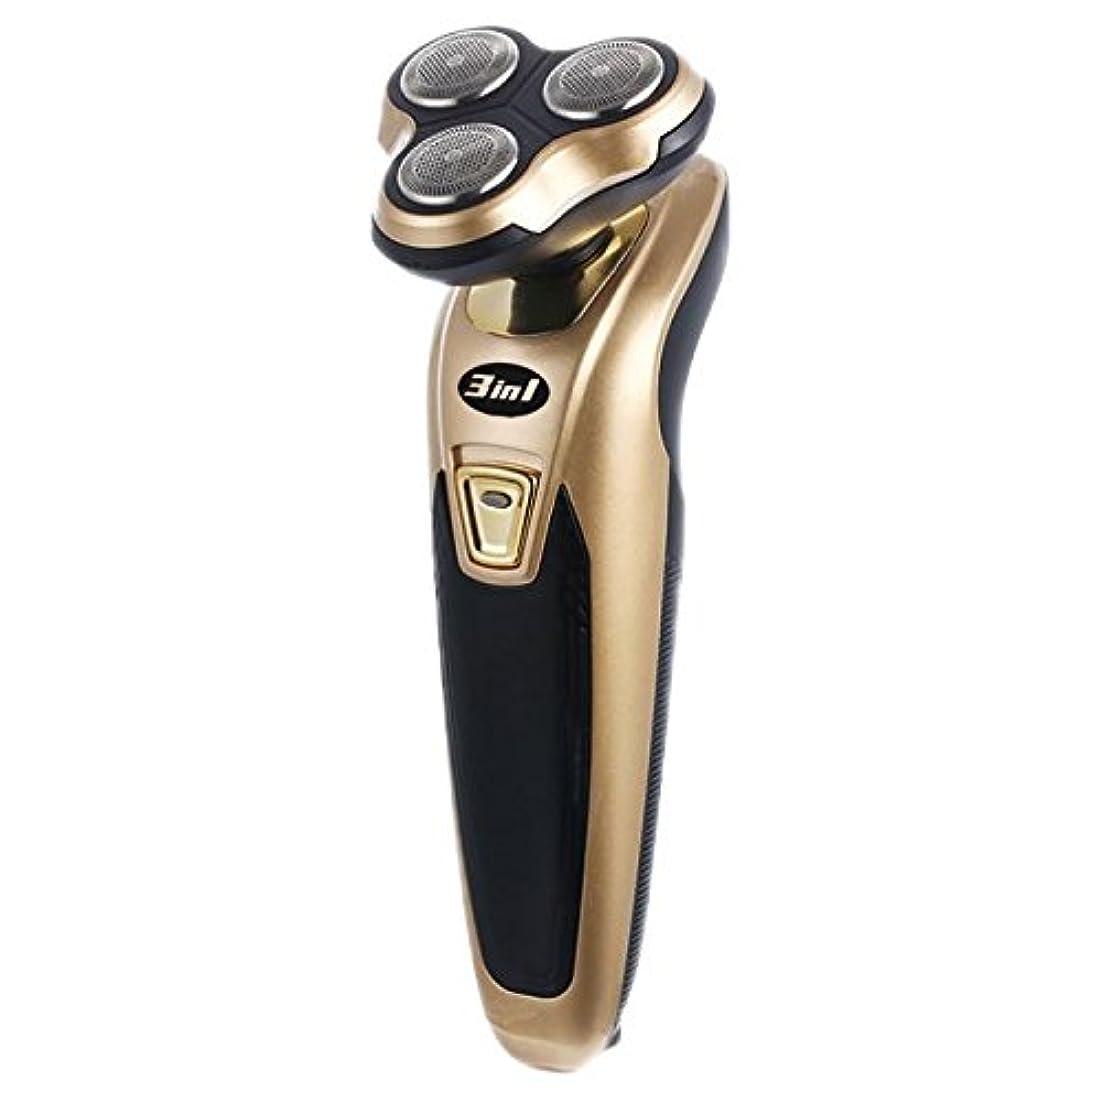 粘土エンゲージメント例示する【3in1】髭剃り、鼻毛カッター、ヘアトリマーの3機能シェーバー